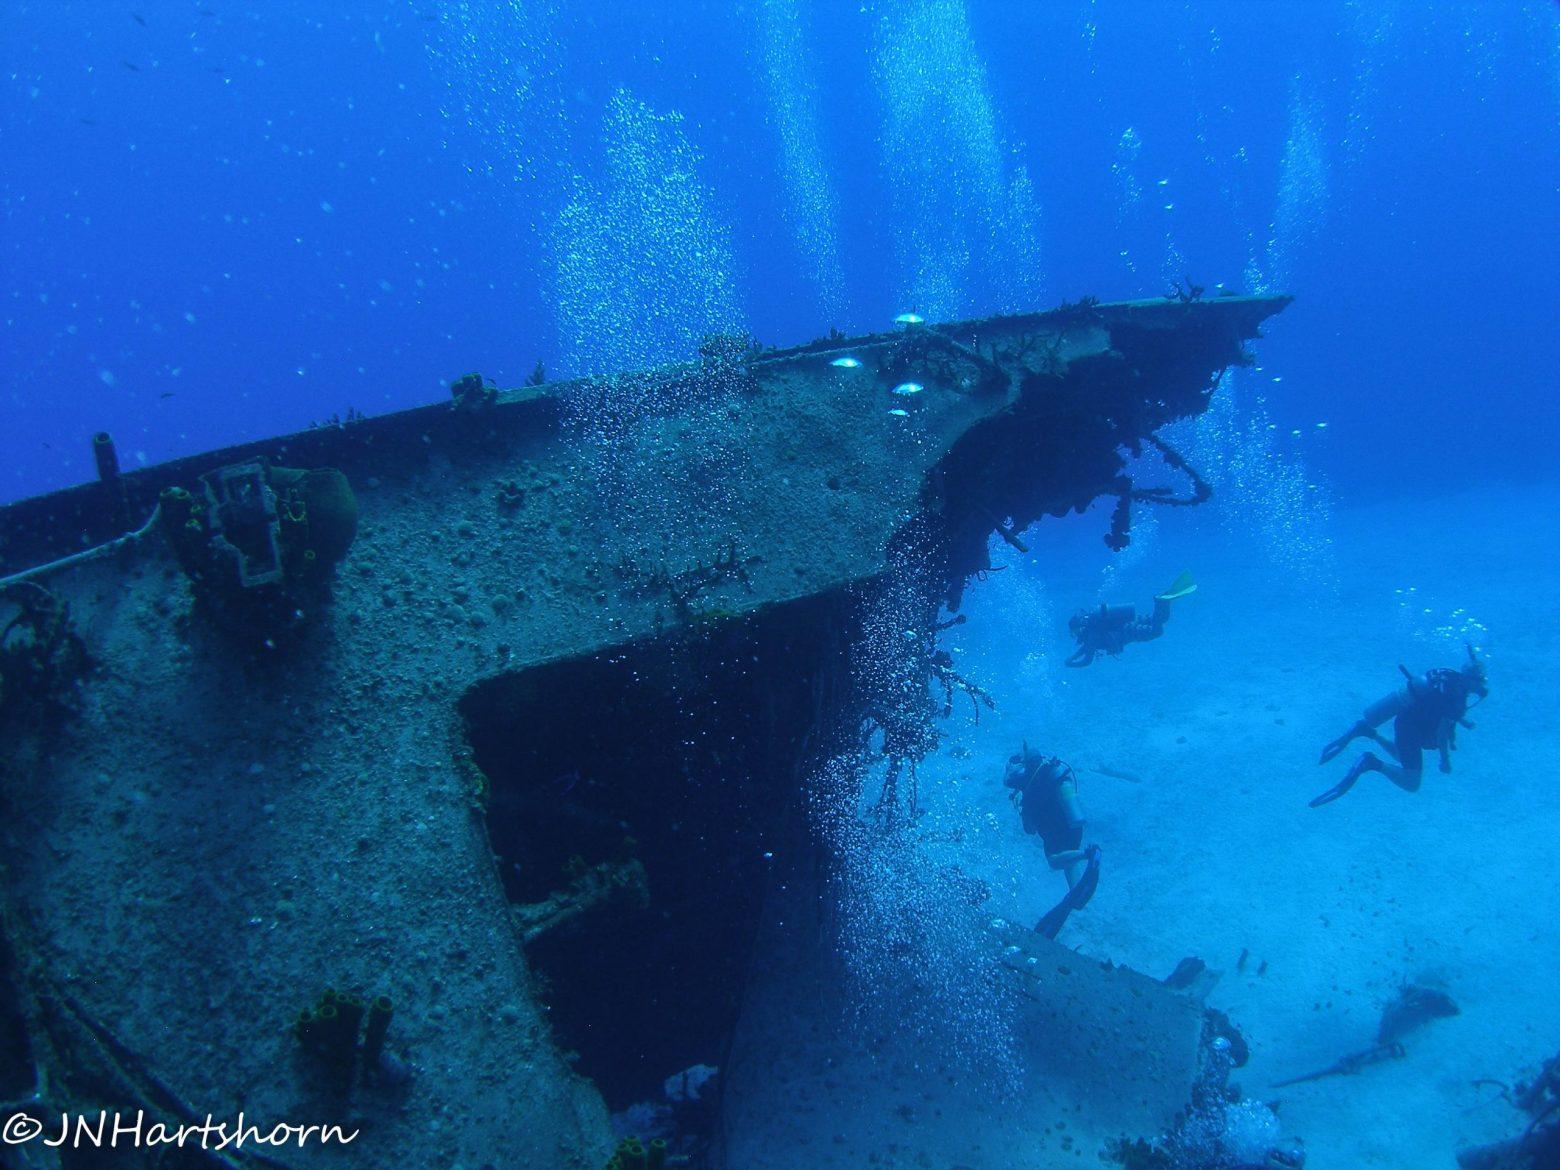 Tibbetts wreck